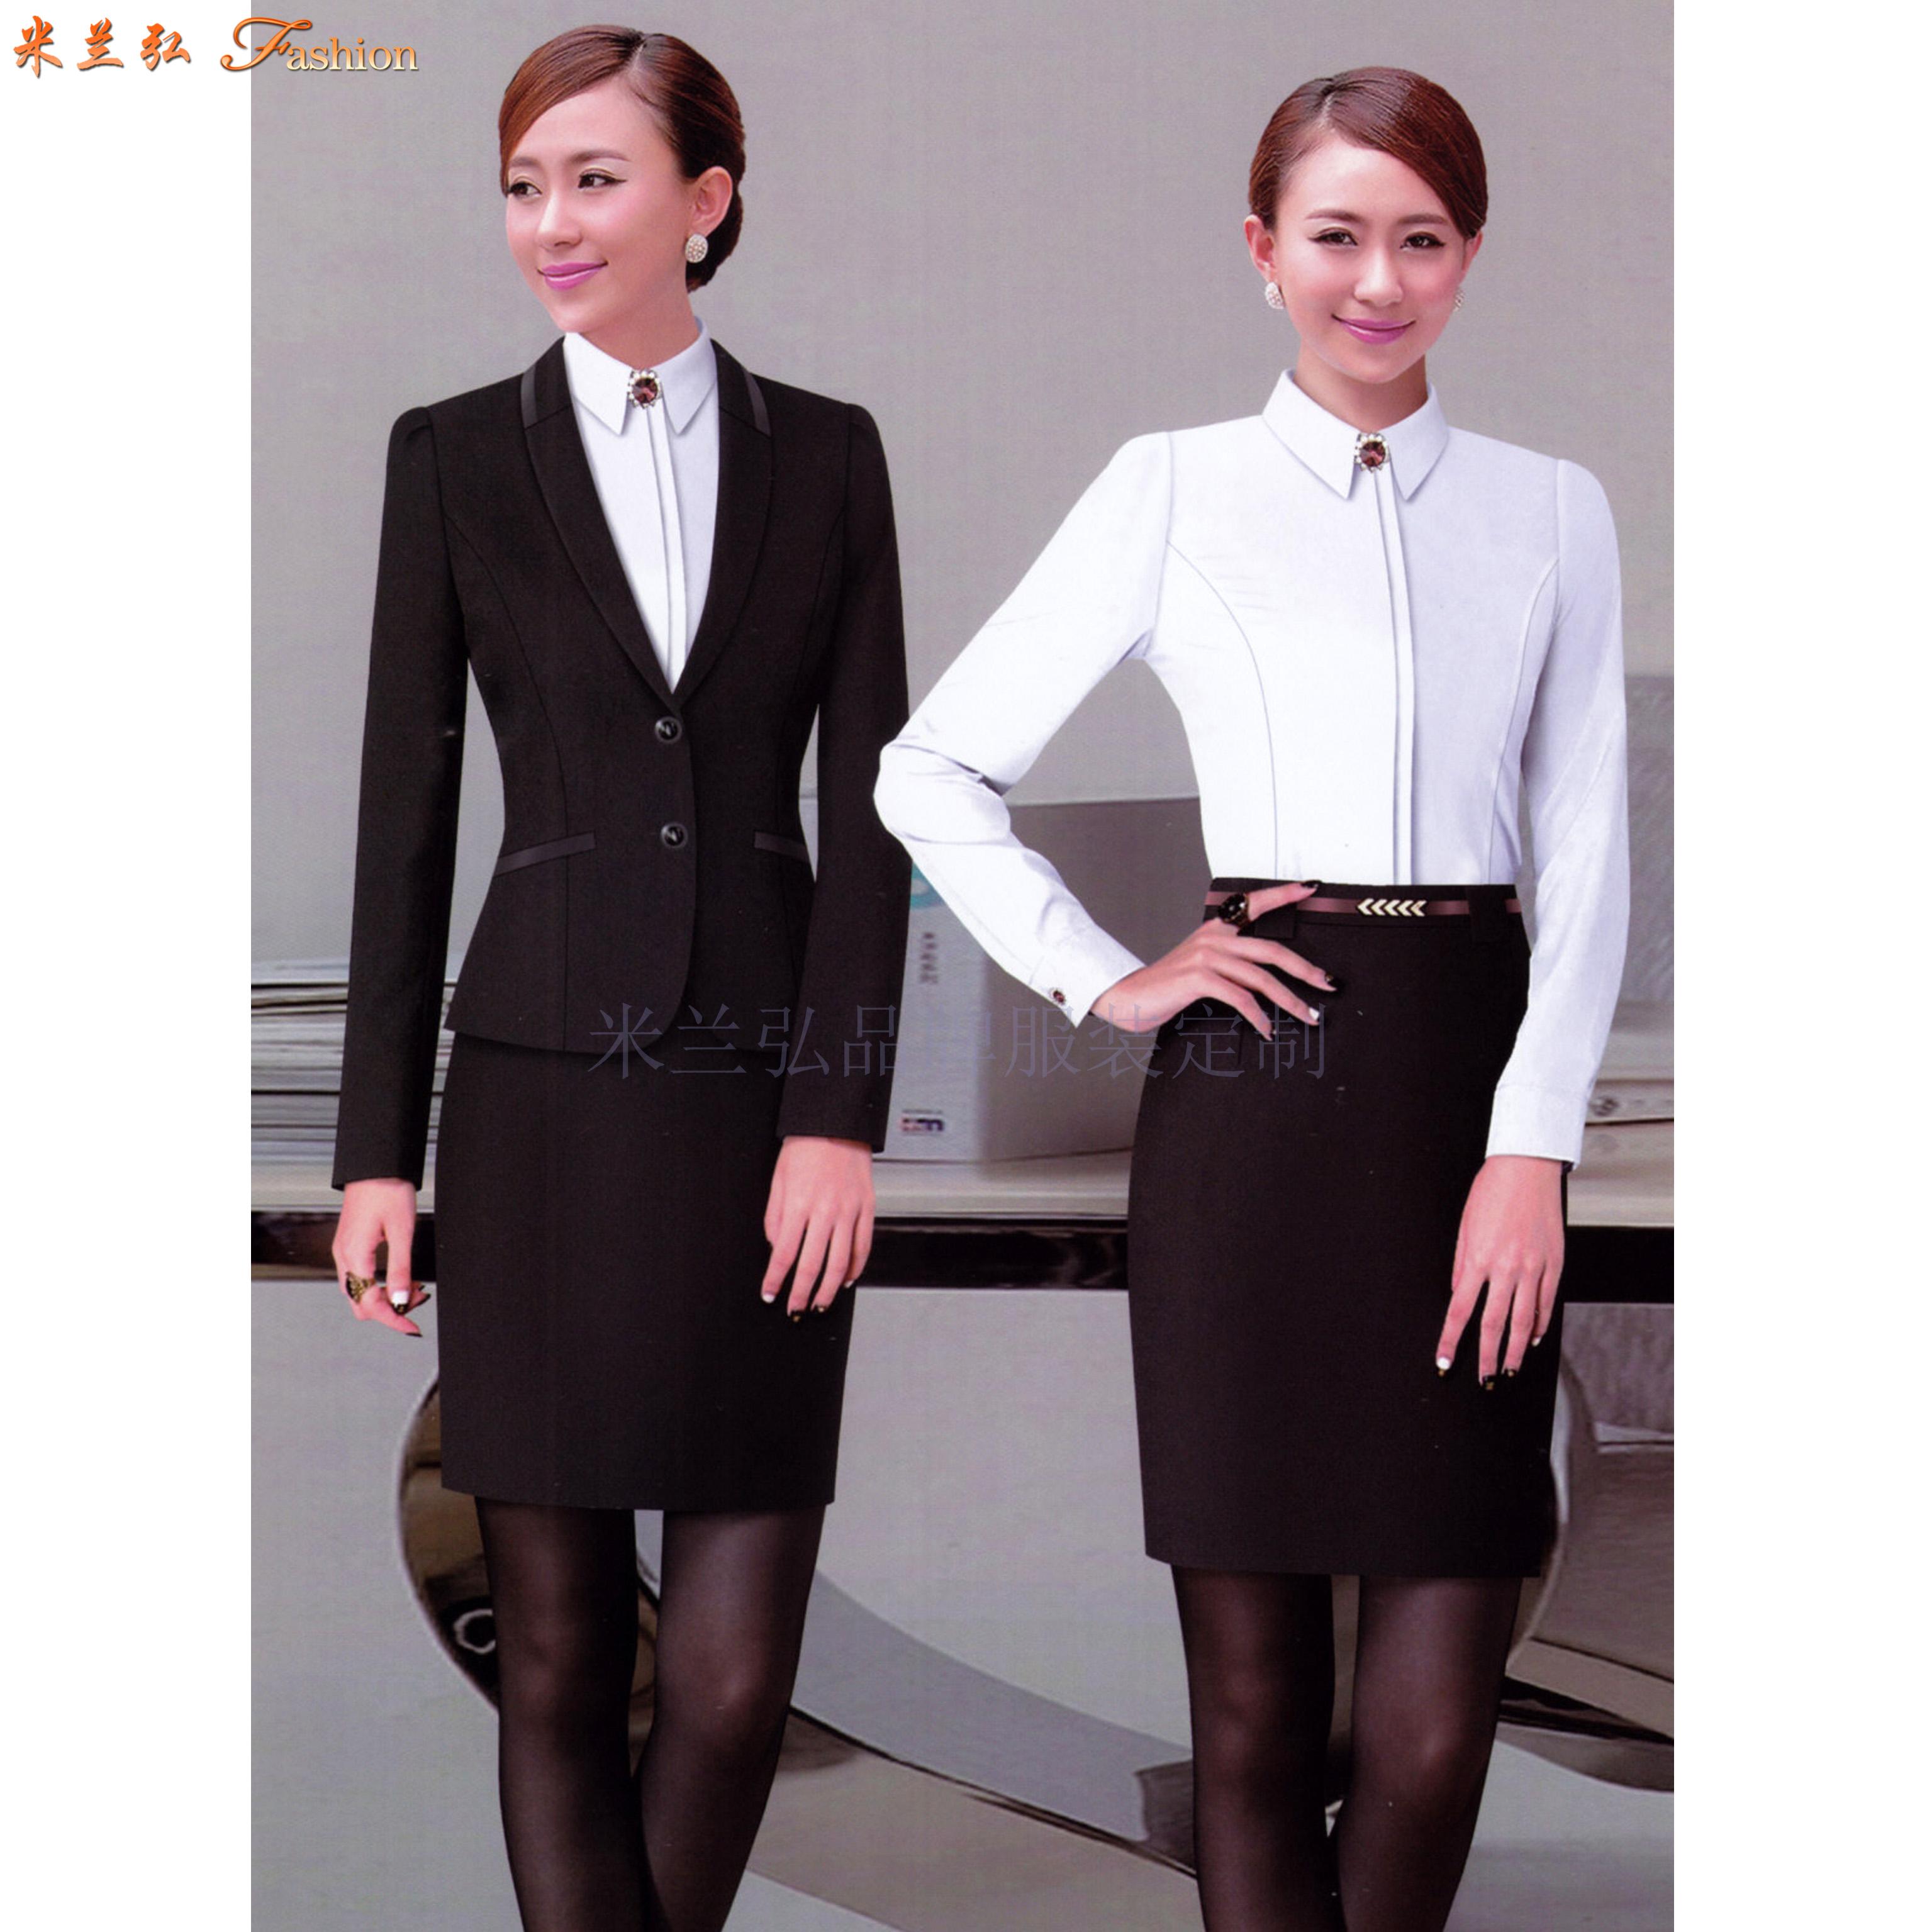 工裝西服定制-訂做工裝西服-米蘭弘服裝-4